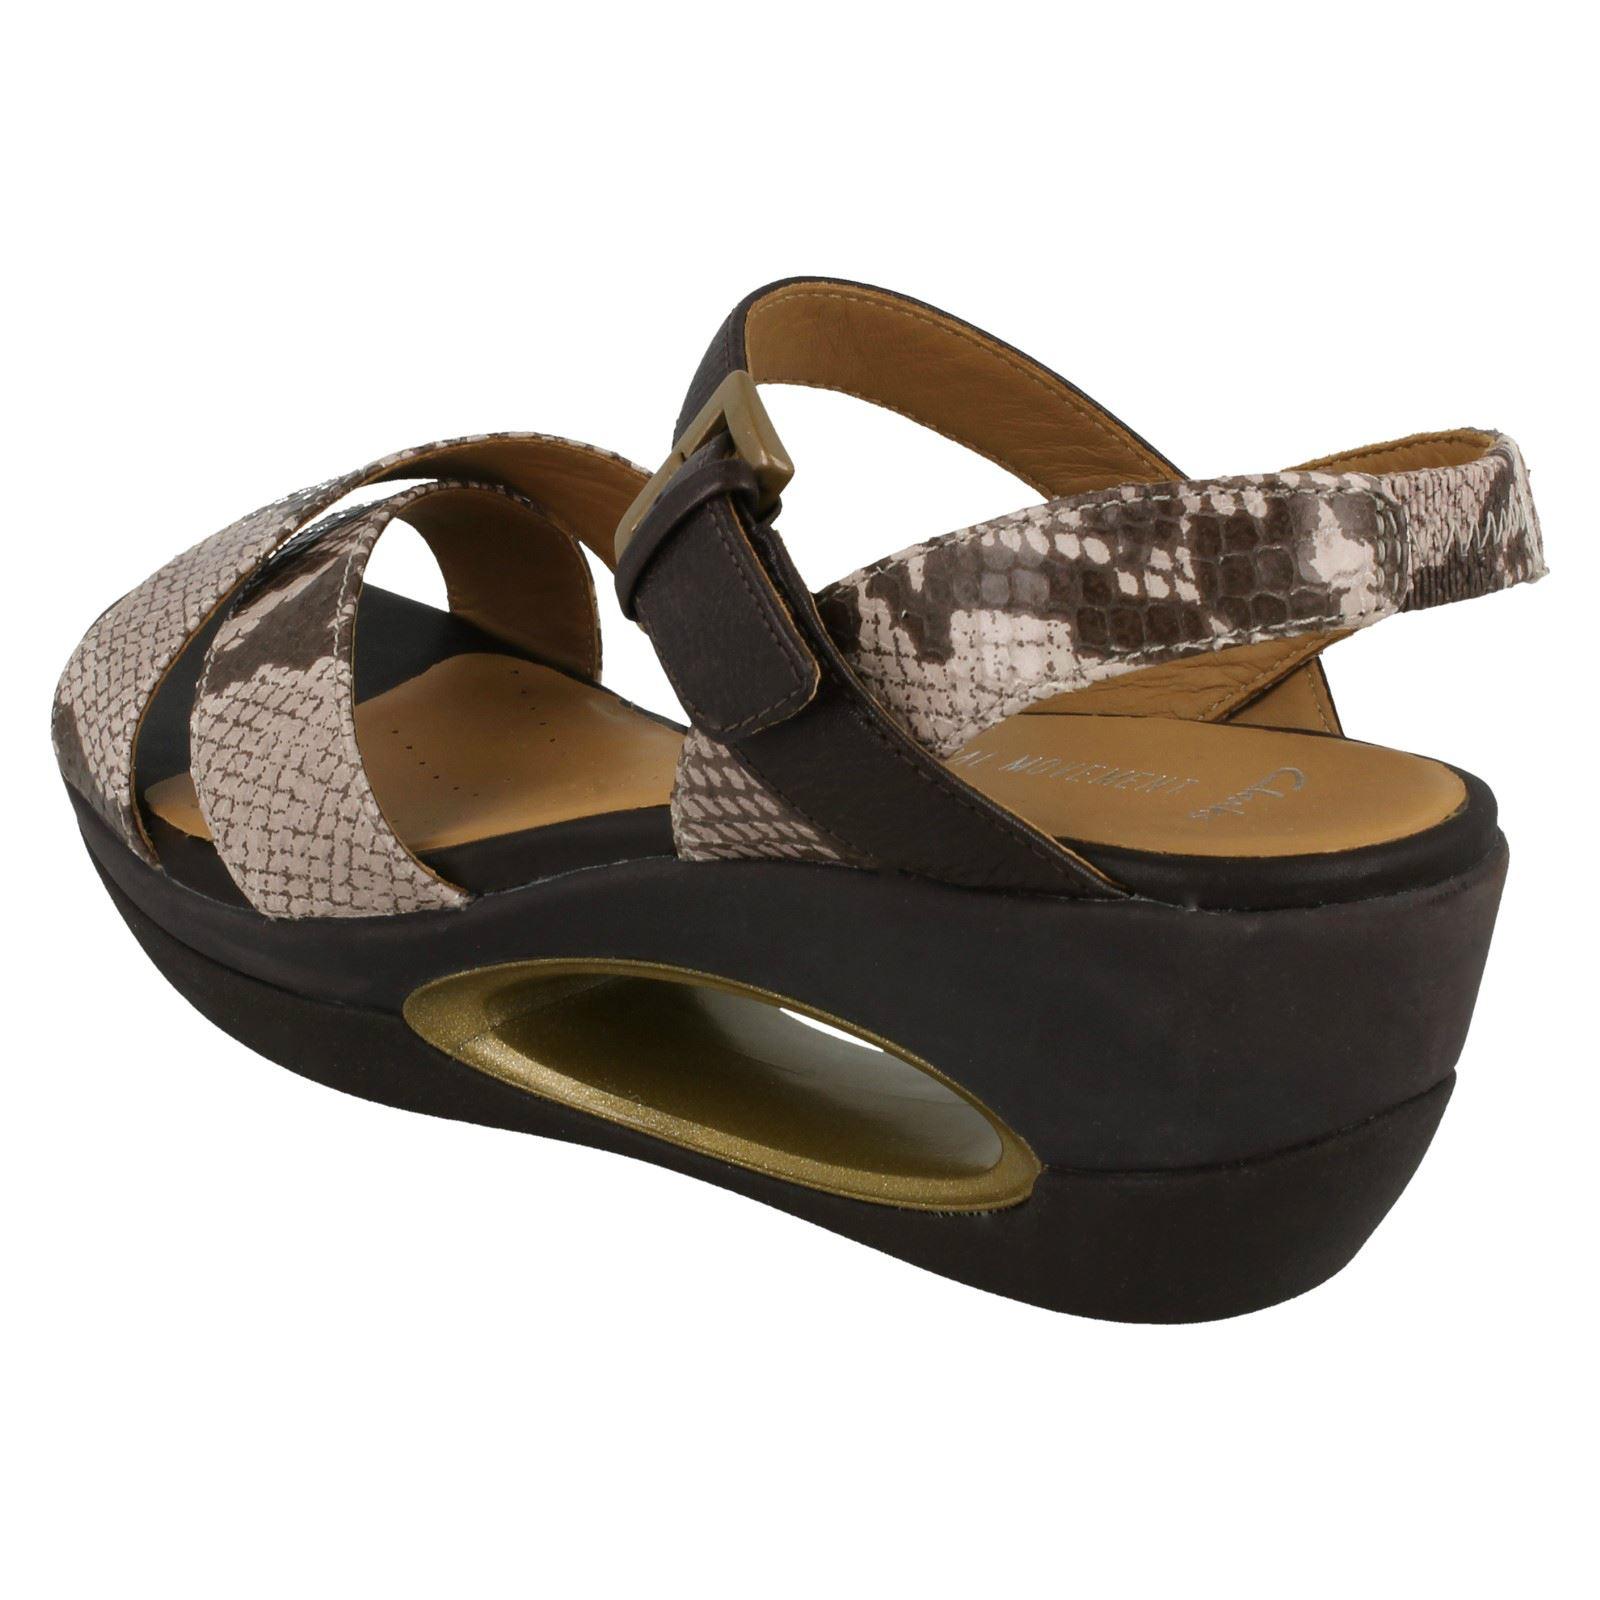 60ea0e797665 Ladies Clarks Natural Movement Wedge Sandals  Porcelain Lily